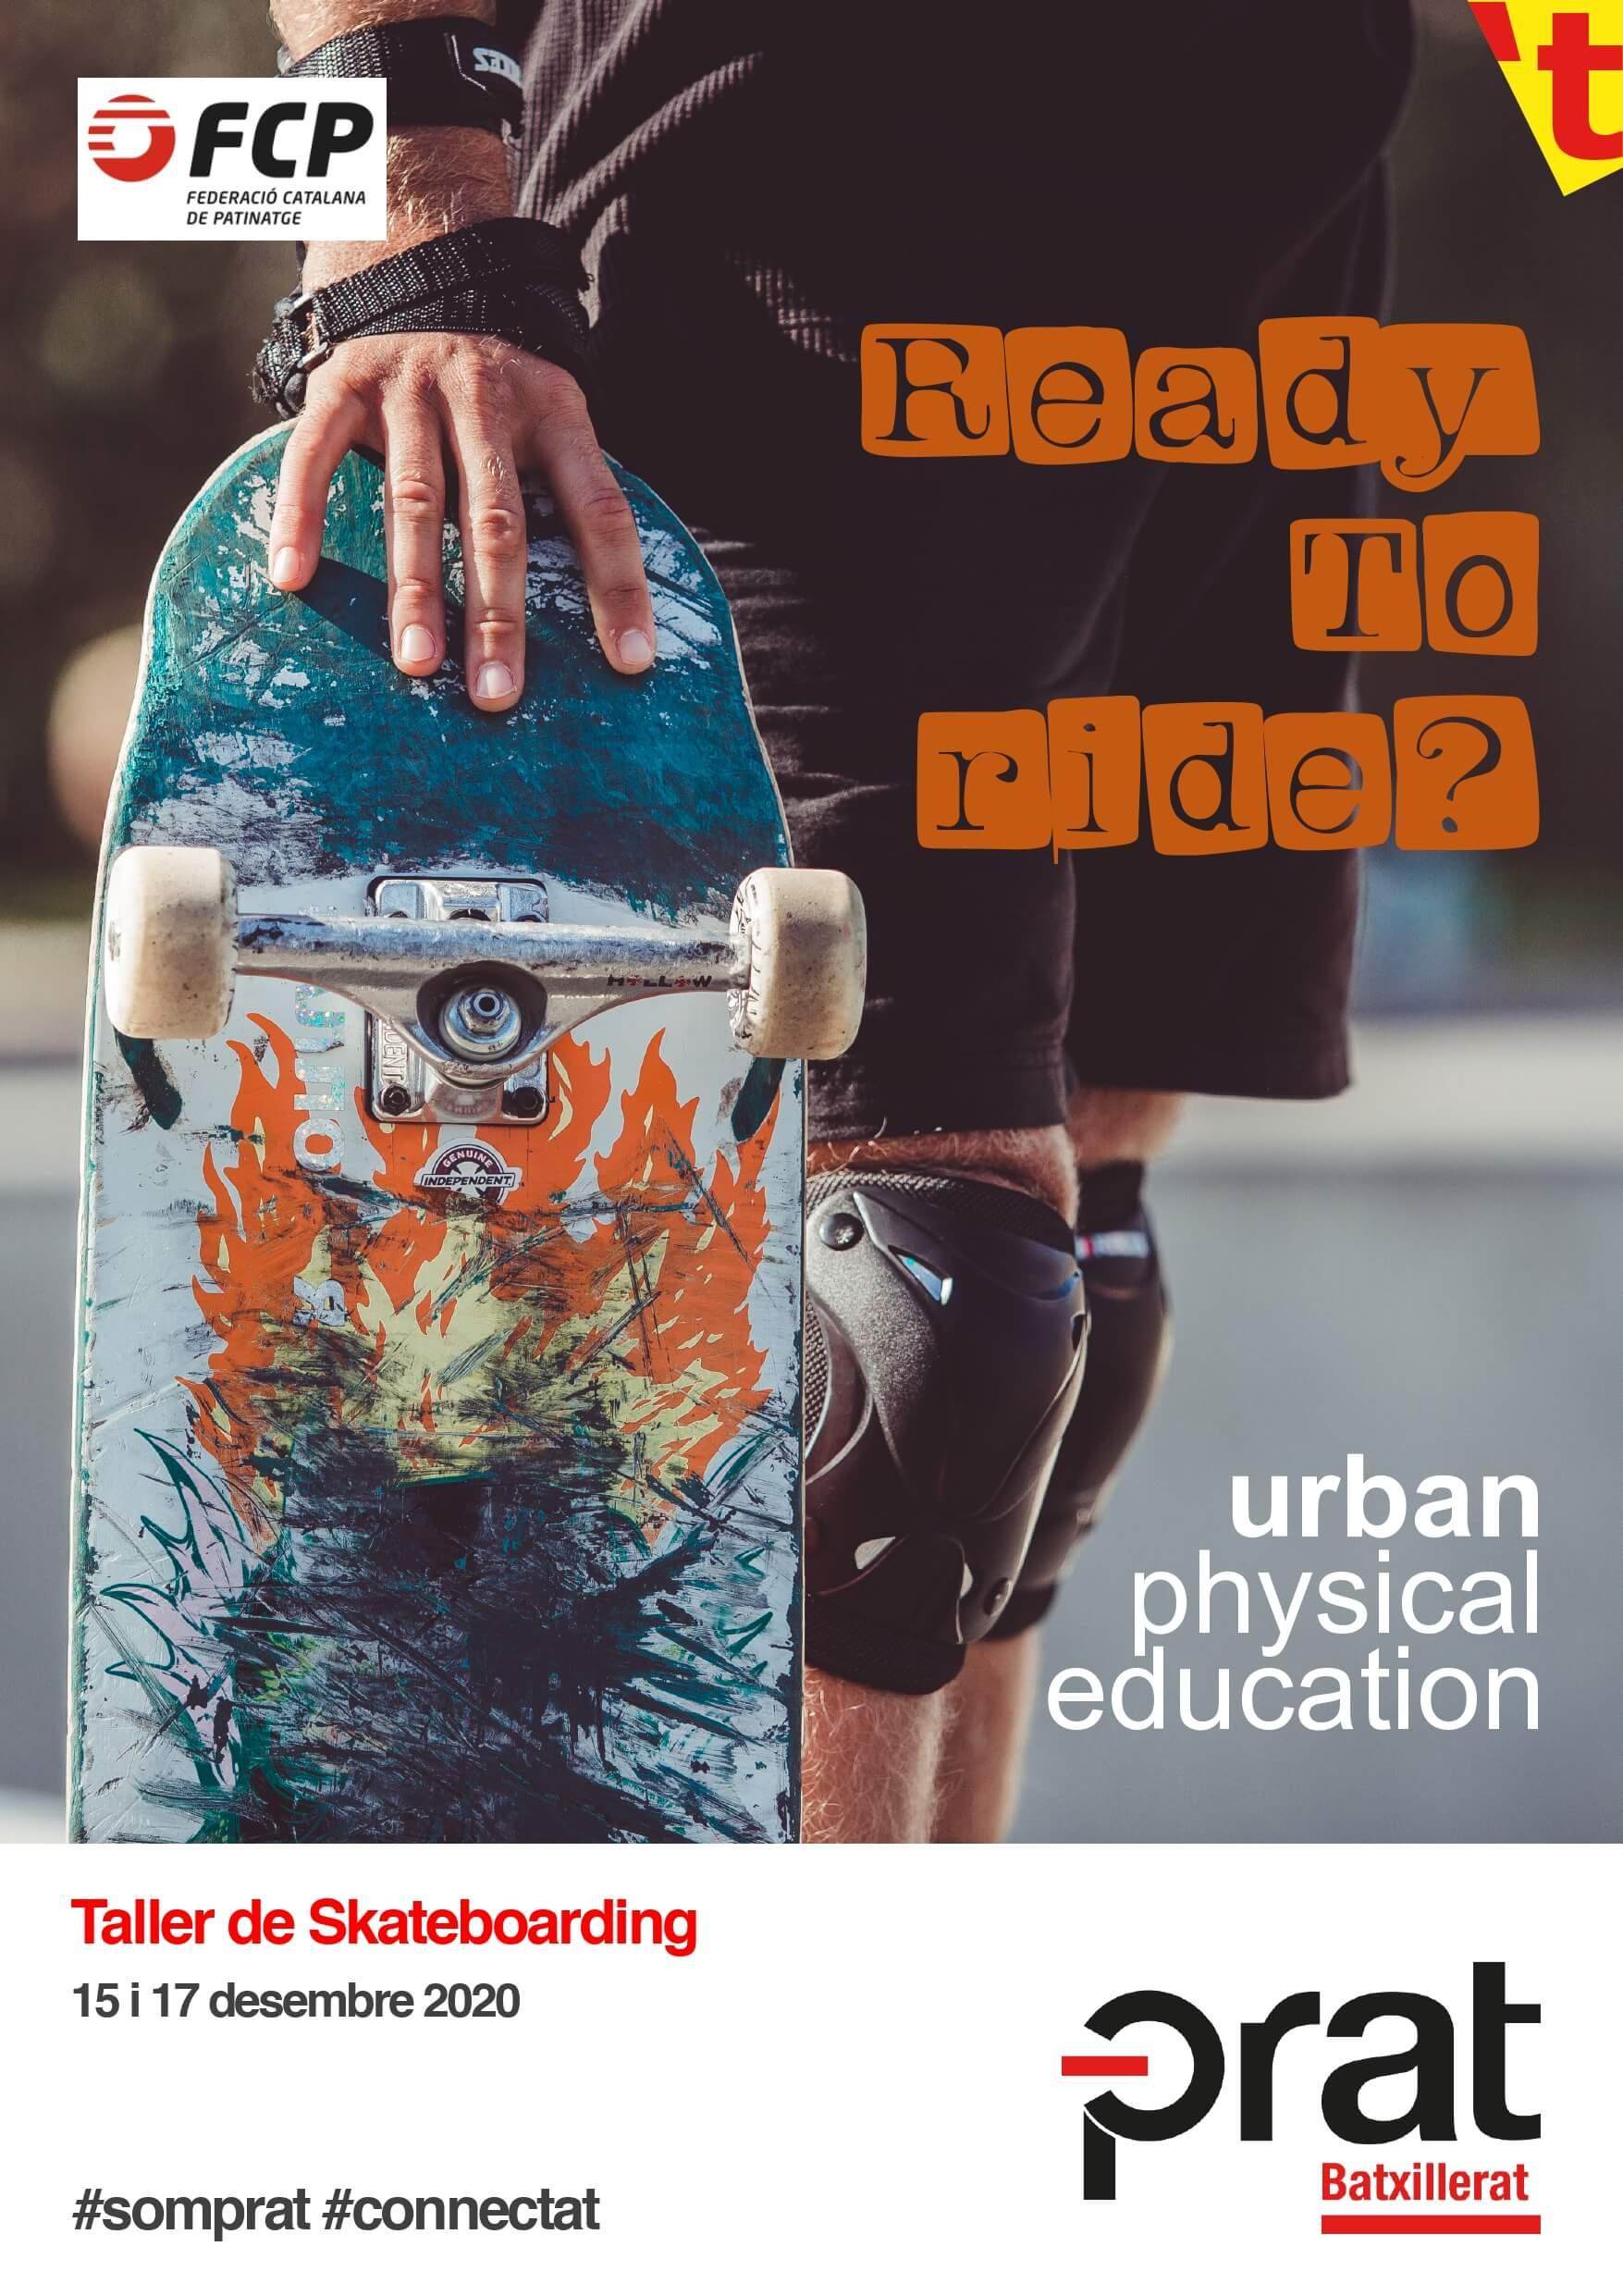 Taller de Skateboarding